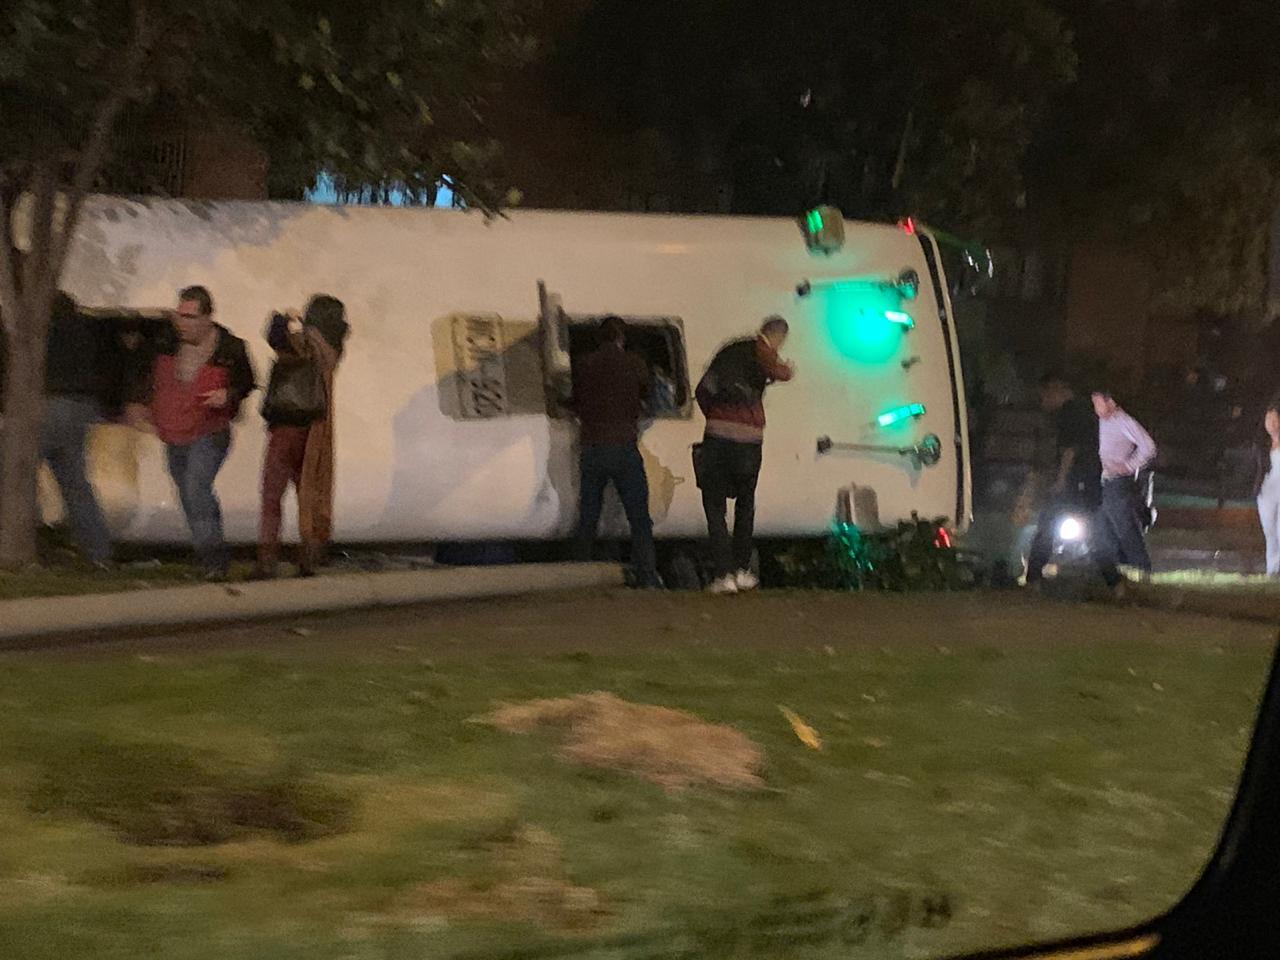 Bus volcado en el norte de Bogotá, sector Niza.